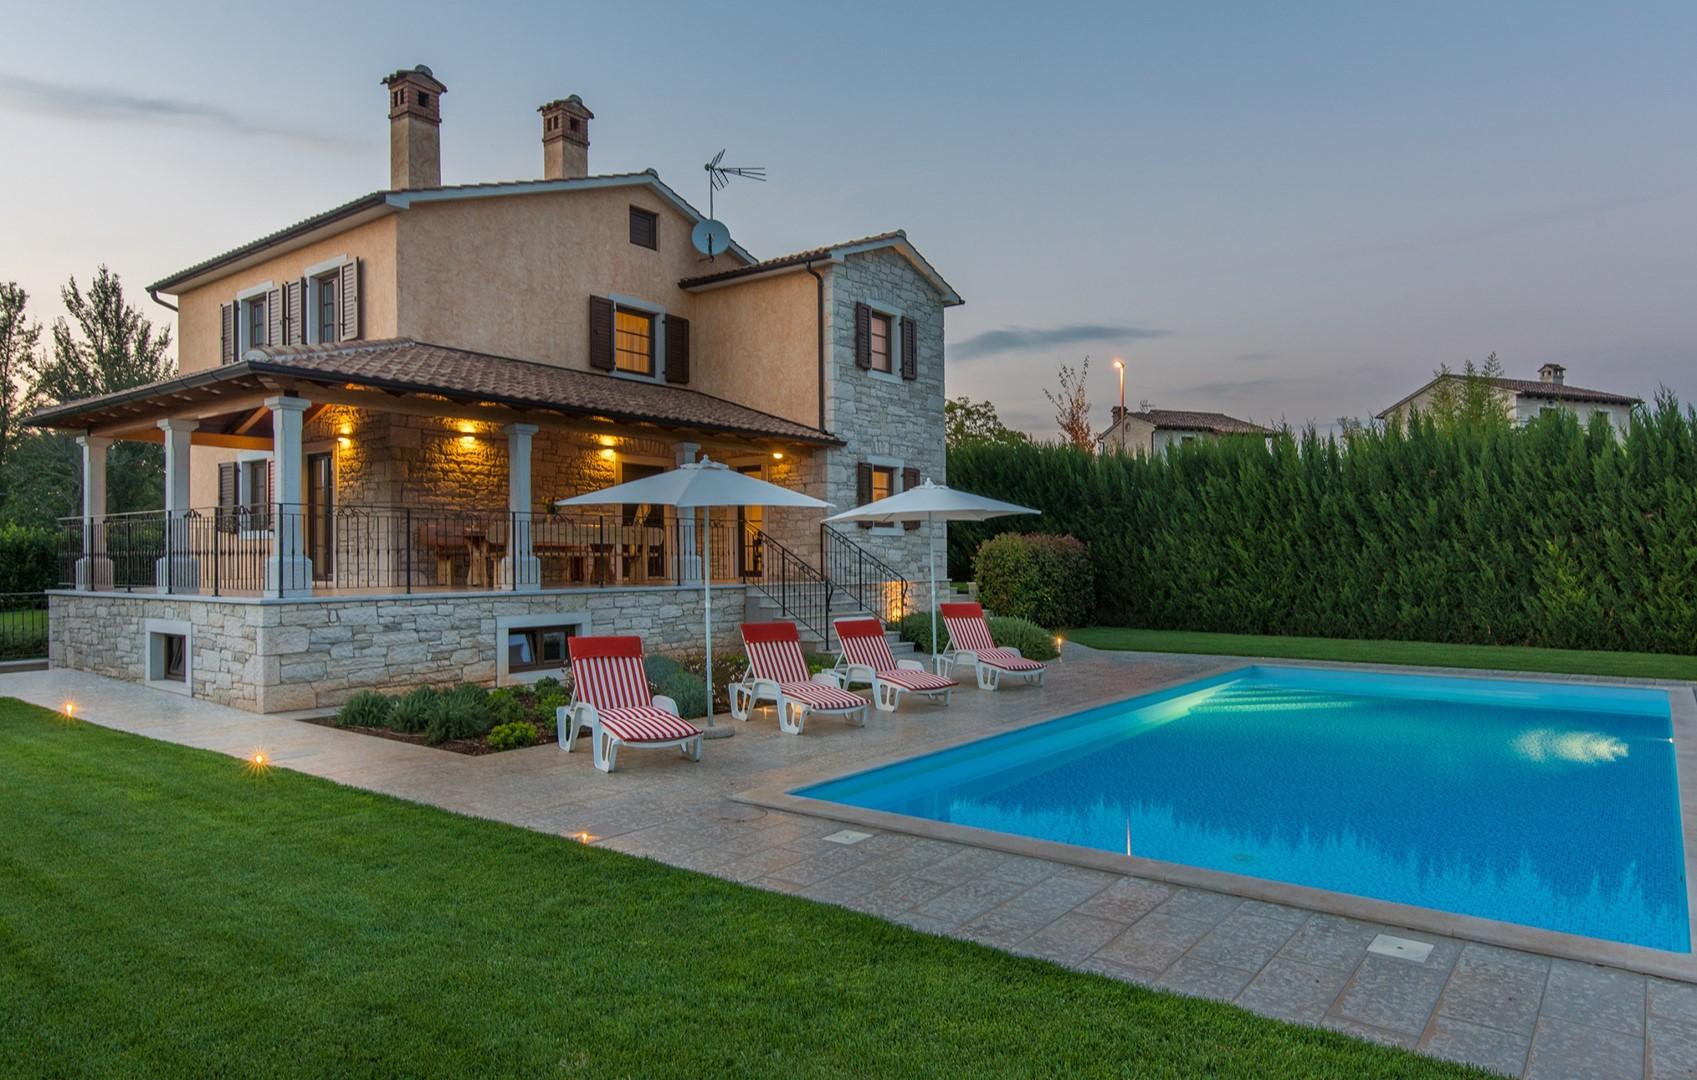 Ferienhaus Geräumige Villa Nikka mit schönem Garten und Pool (1412592), Kanfanar, , Istrien, Kroatien, Bild 32